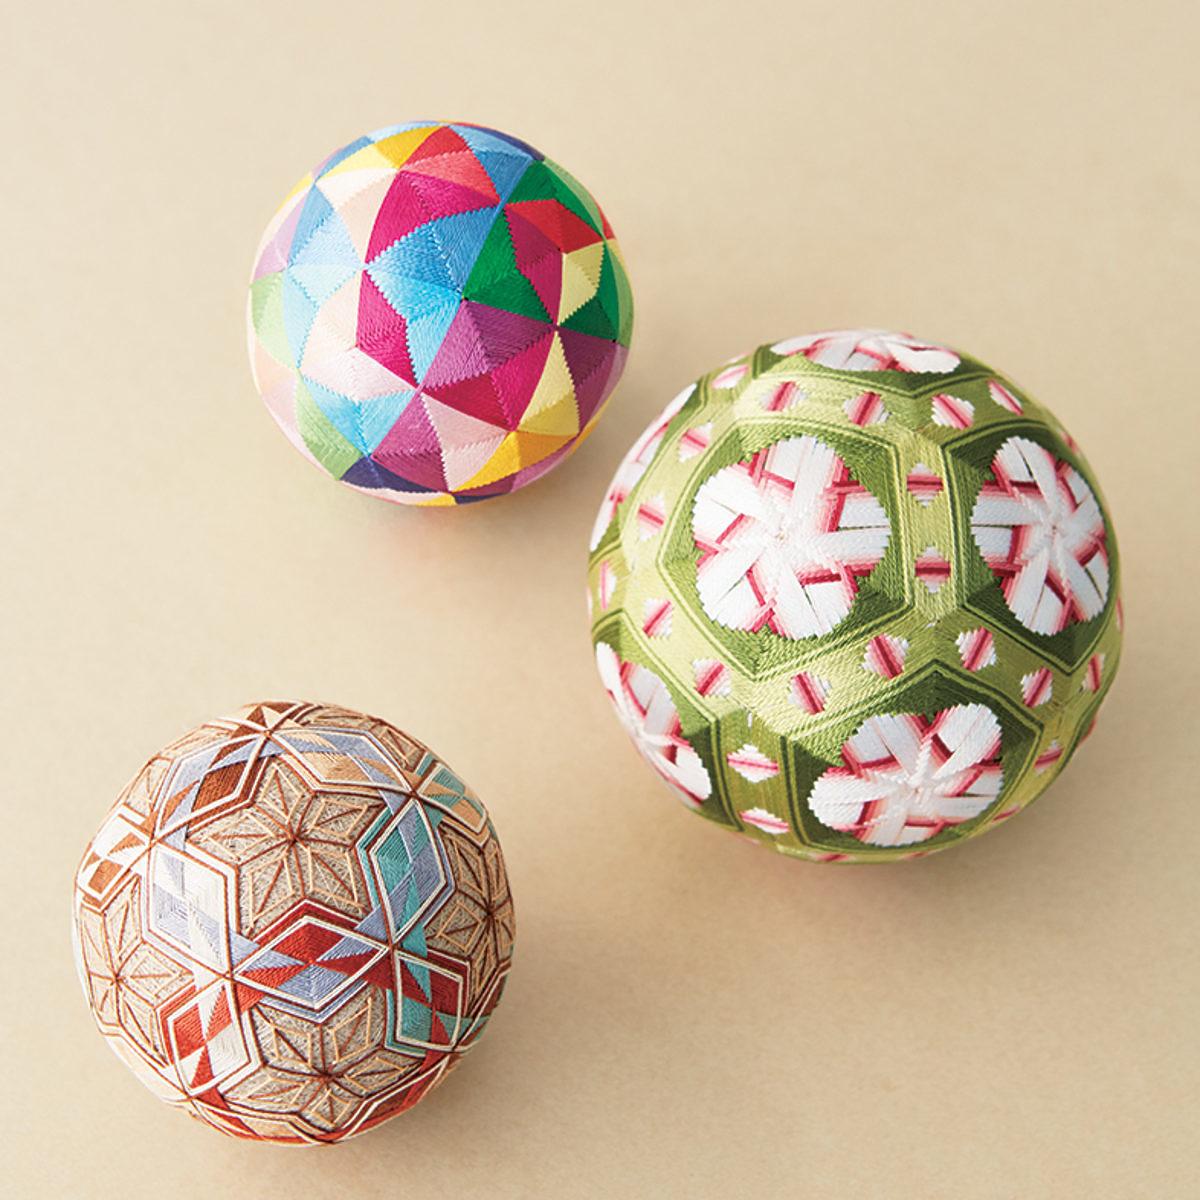 3 balles temari multicolores